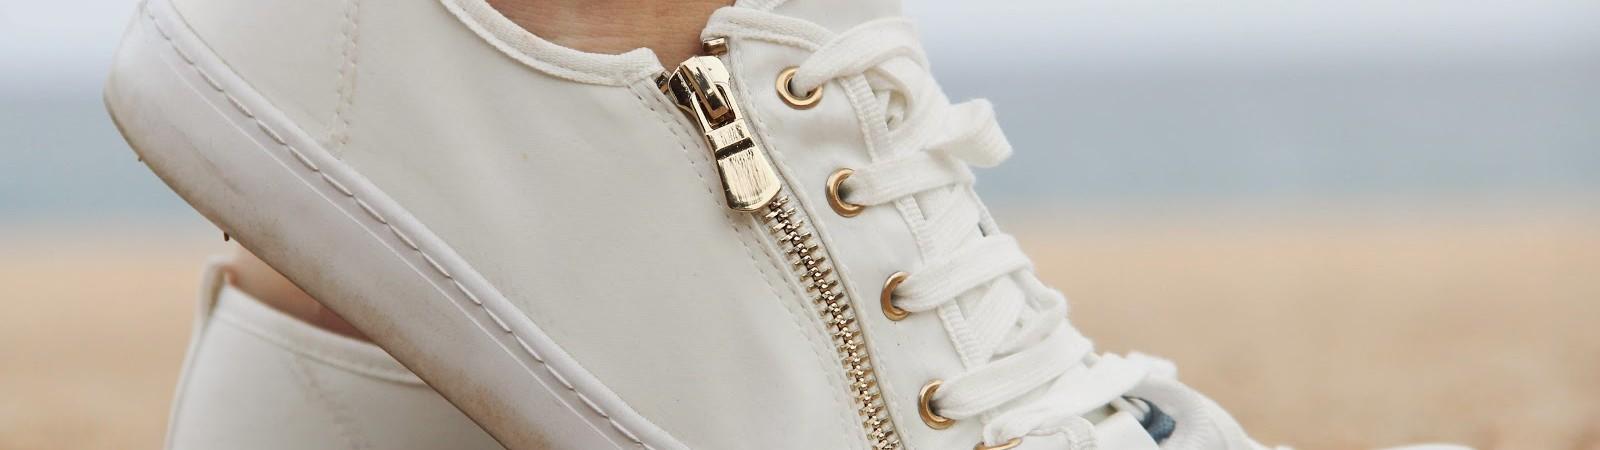 Las 7 Zapatillas que deberias tener en tu armario